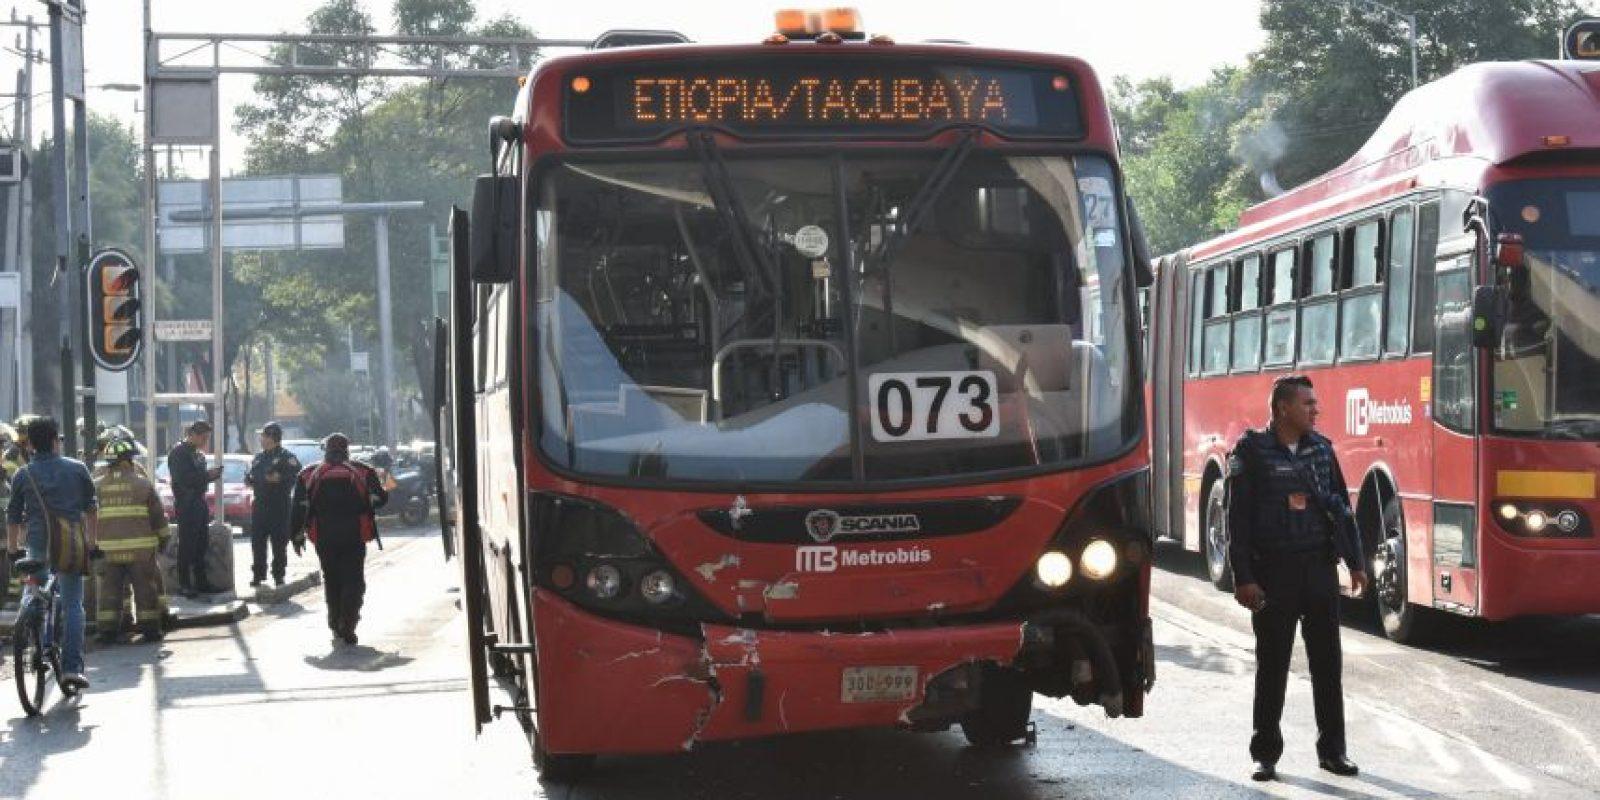 Varios accidentes de metrobús ocurren porque los automovilistas no respetan el carril desigando Foto:cuartoscuro/archivo